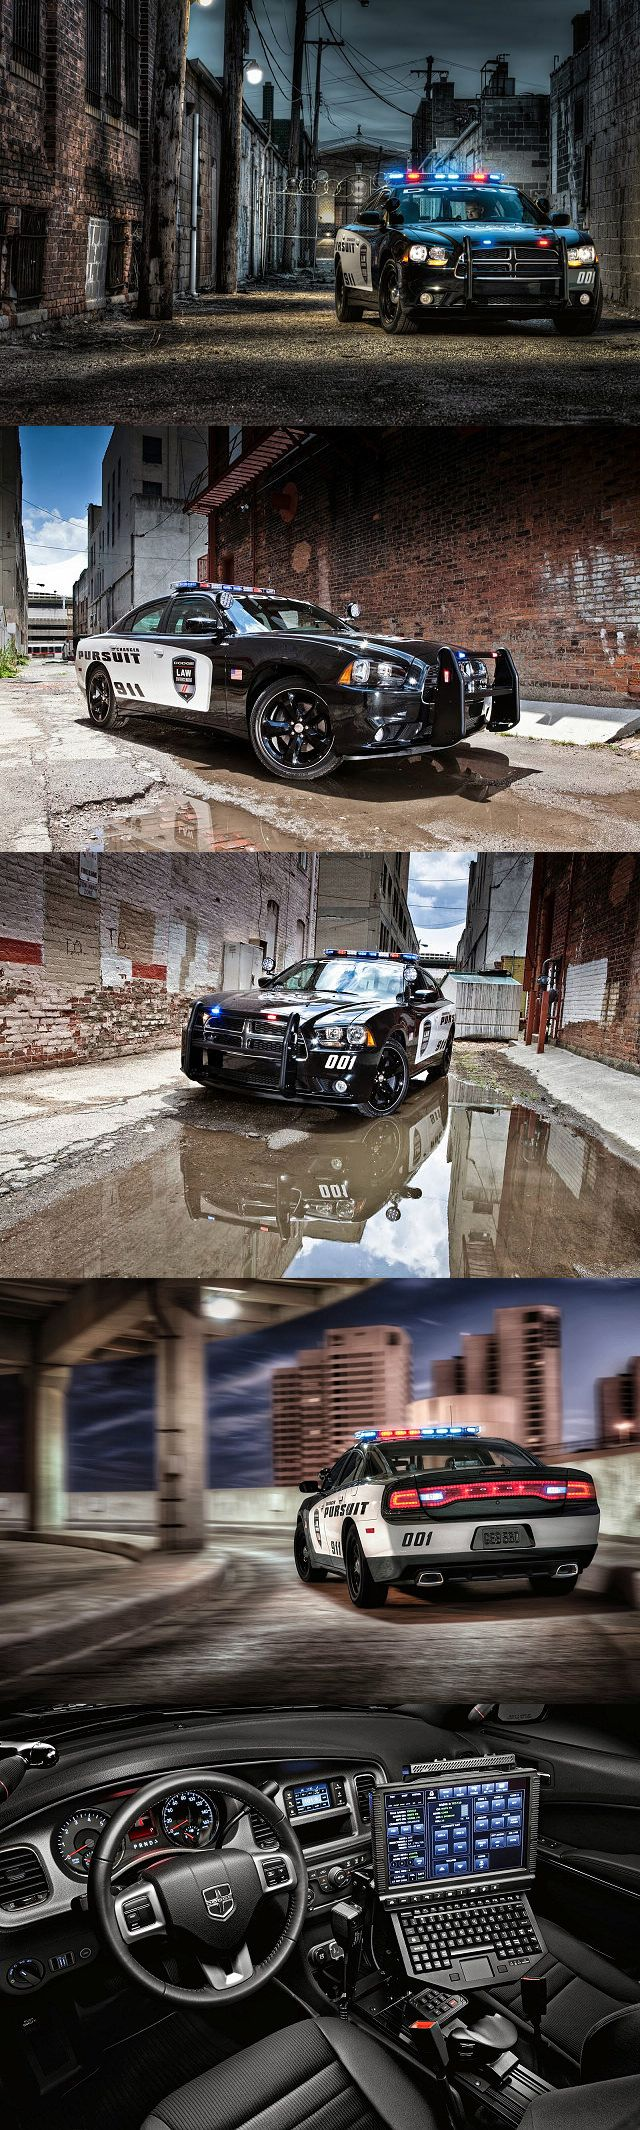 Dodge Charger Pursuit Police car - visit Chrysler's fleet website for complete information at www.fleet.chrysler.com